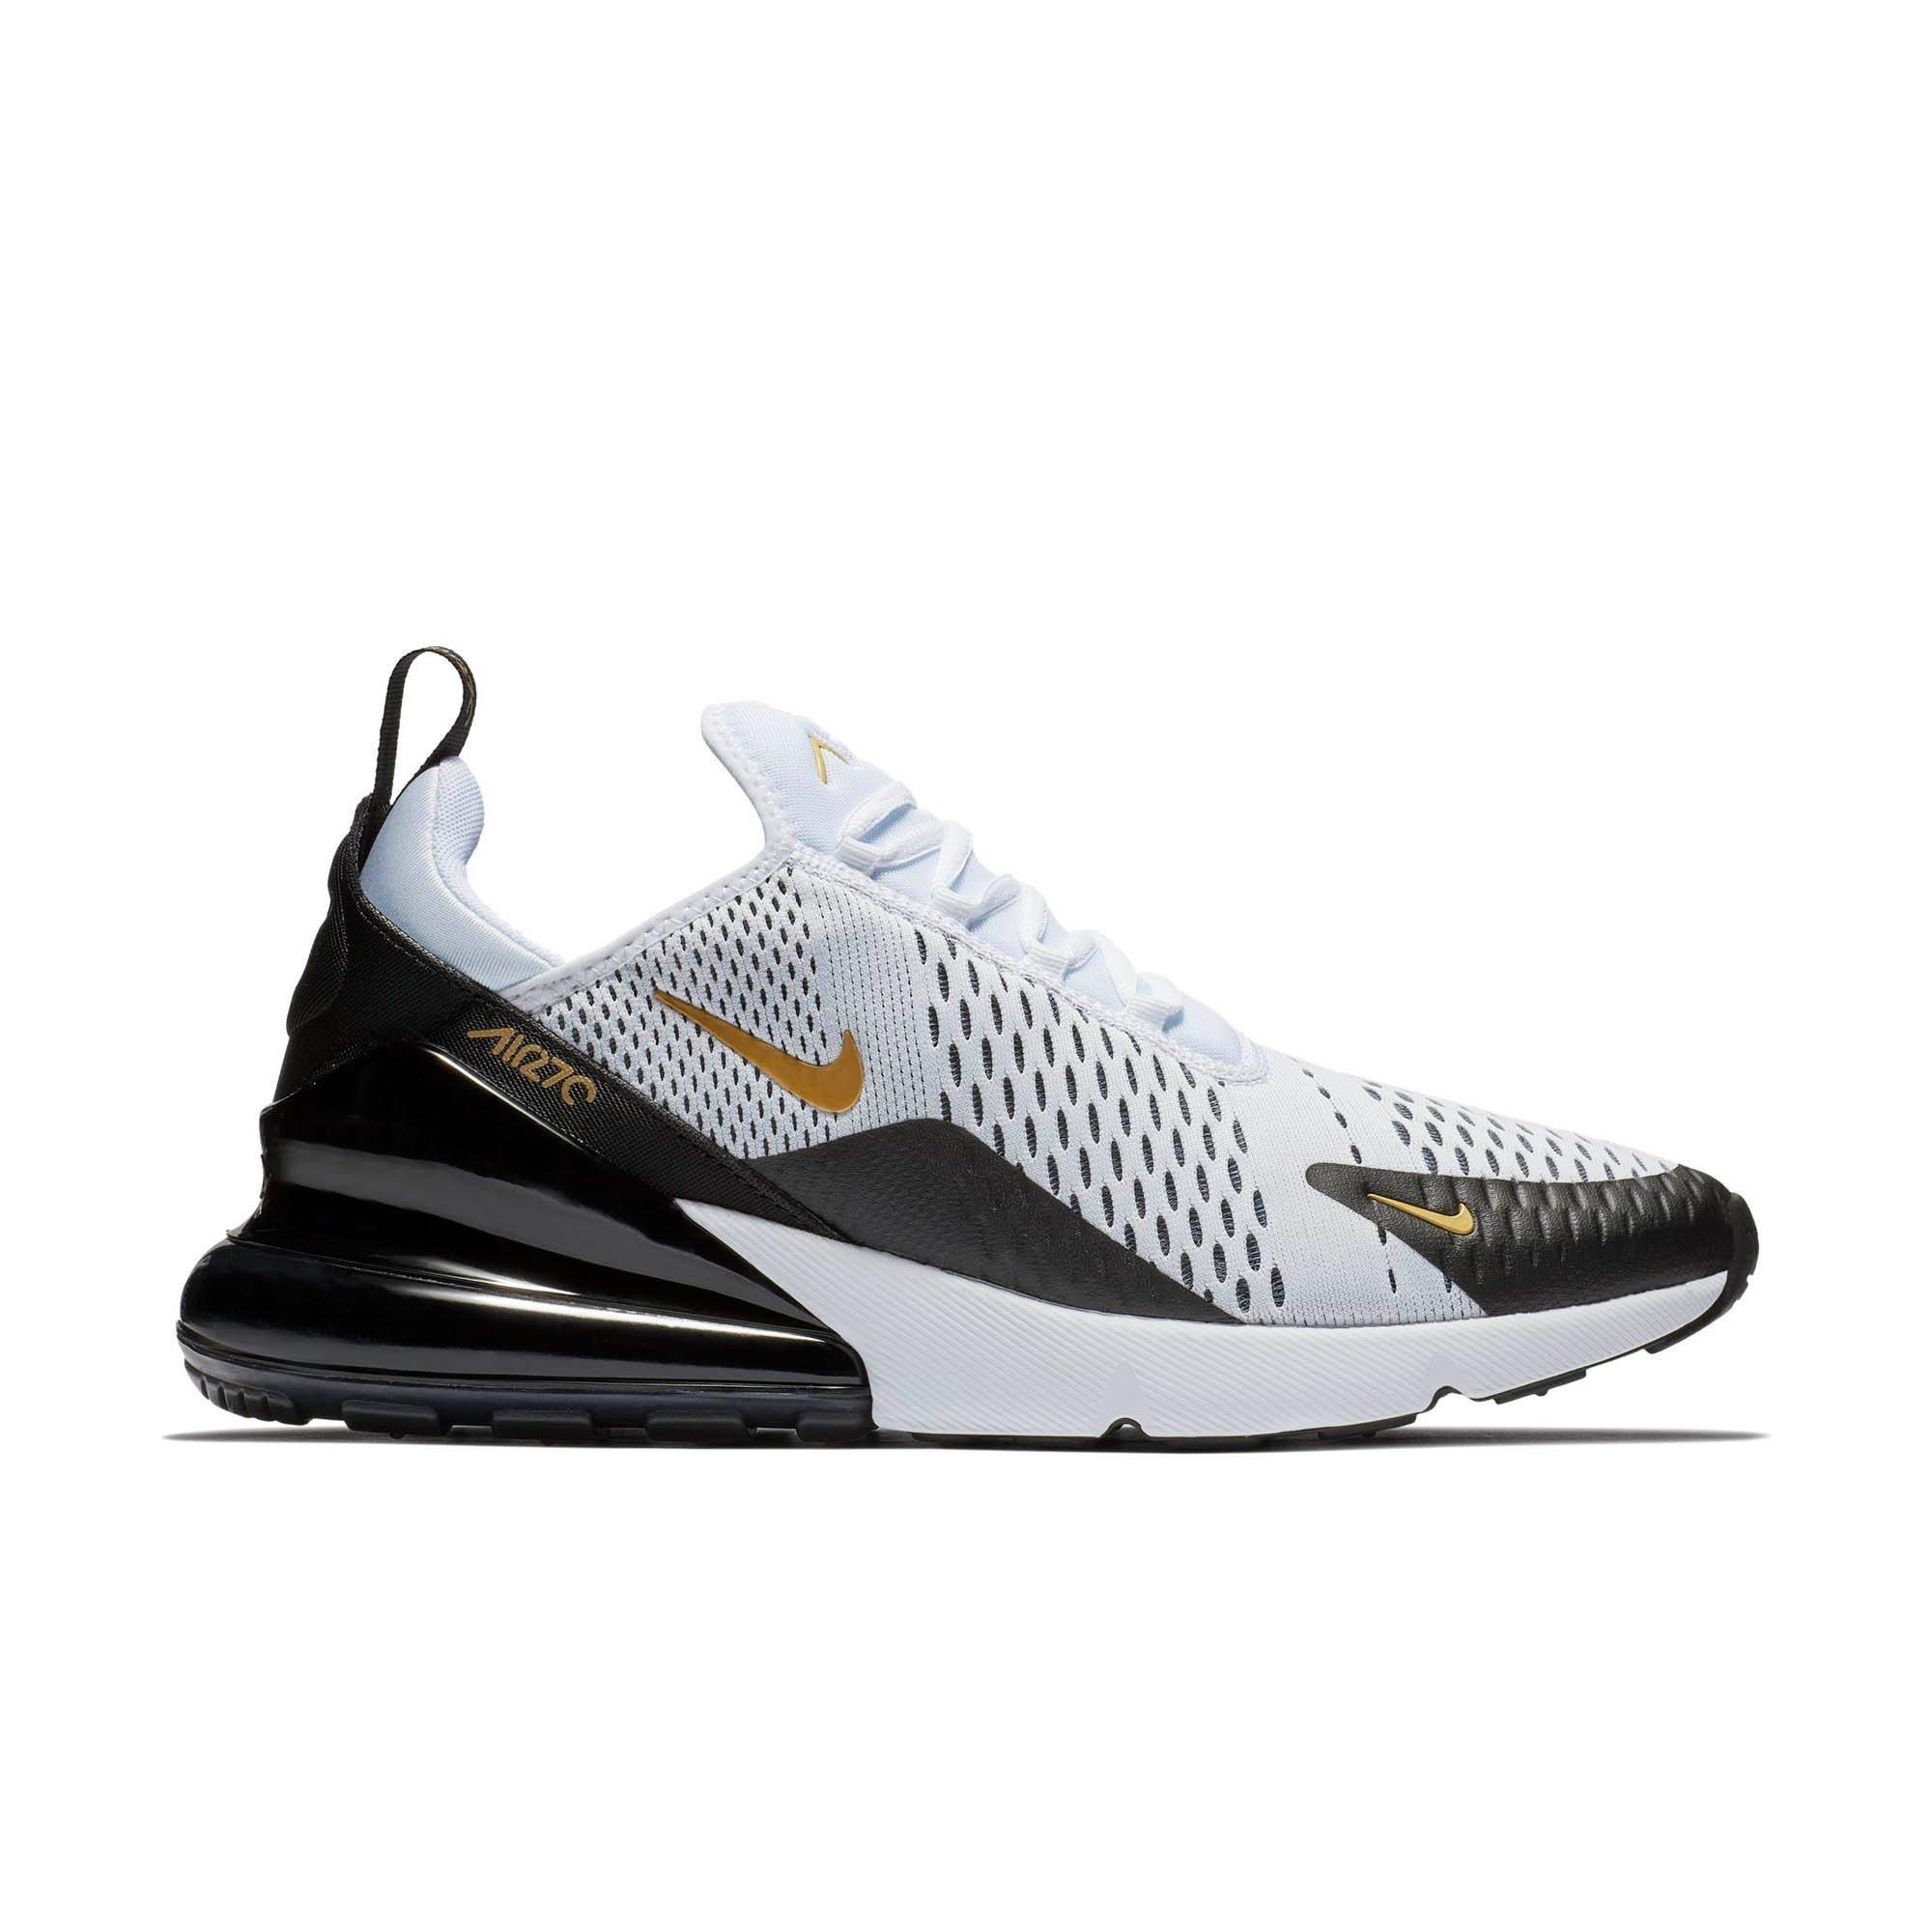 270 Hombre Air 8 Dorado Para Blanco Tamaño Nike Negro Av7892100 Max Zapatos Metálico EXwBqd